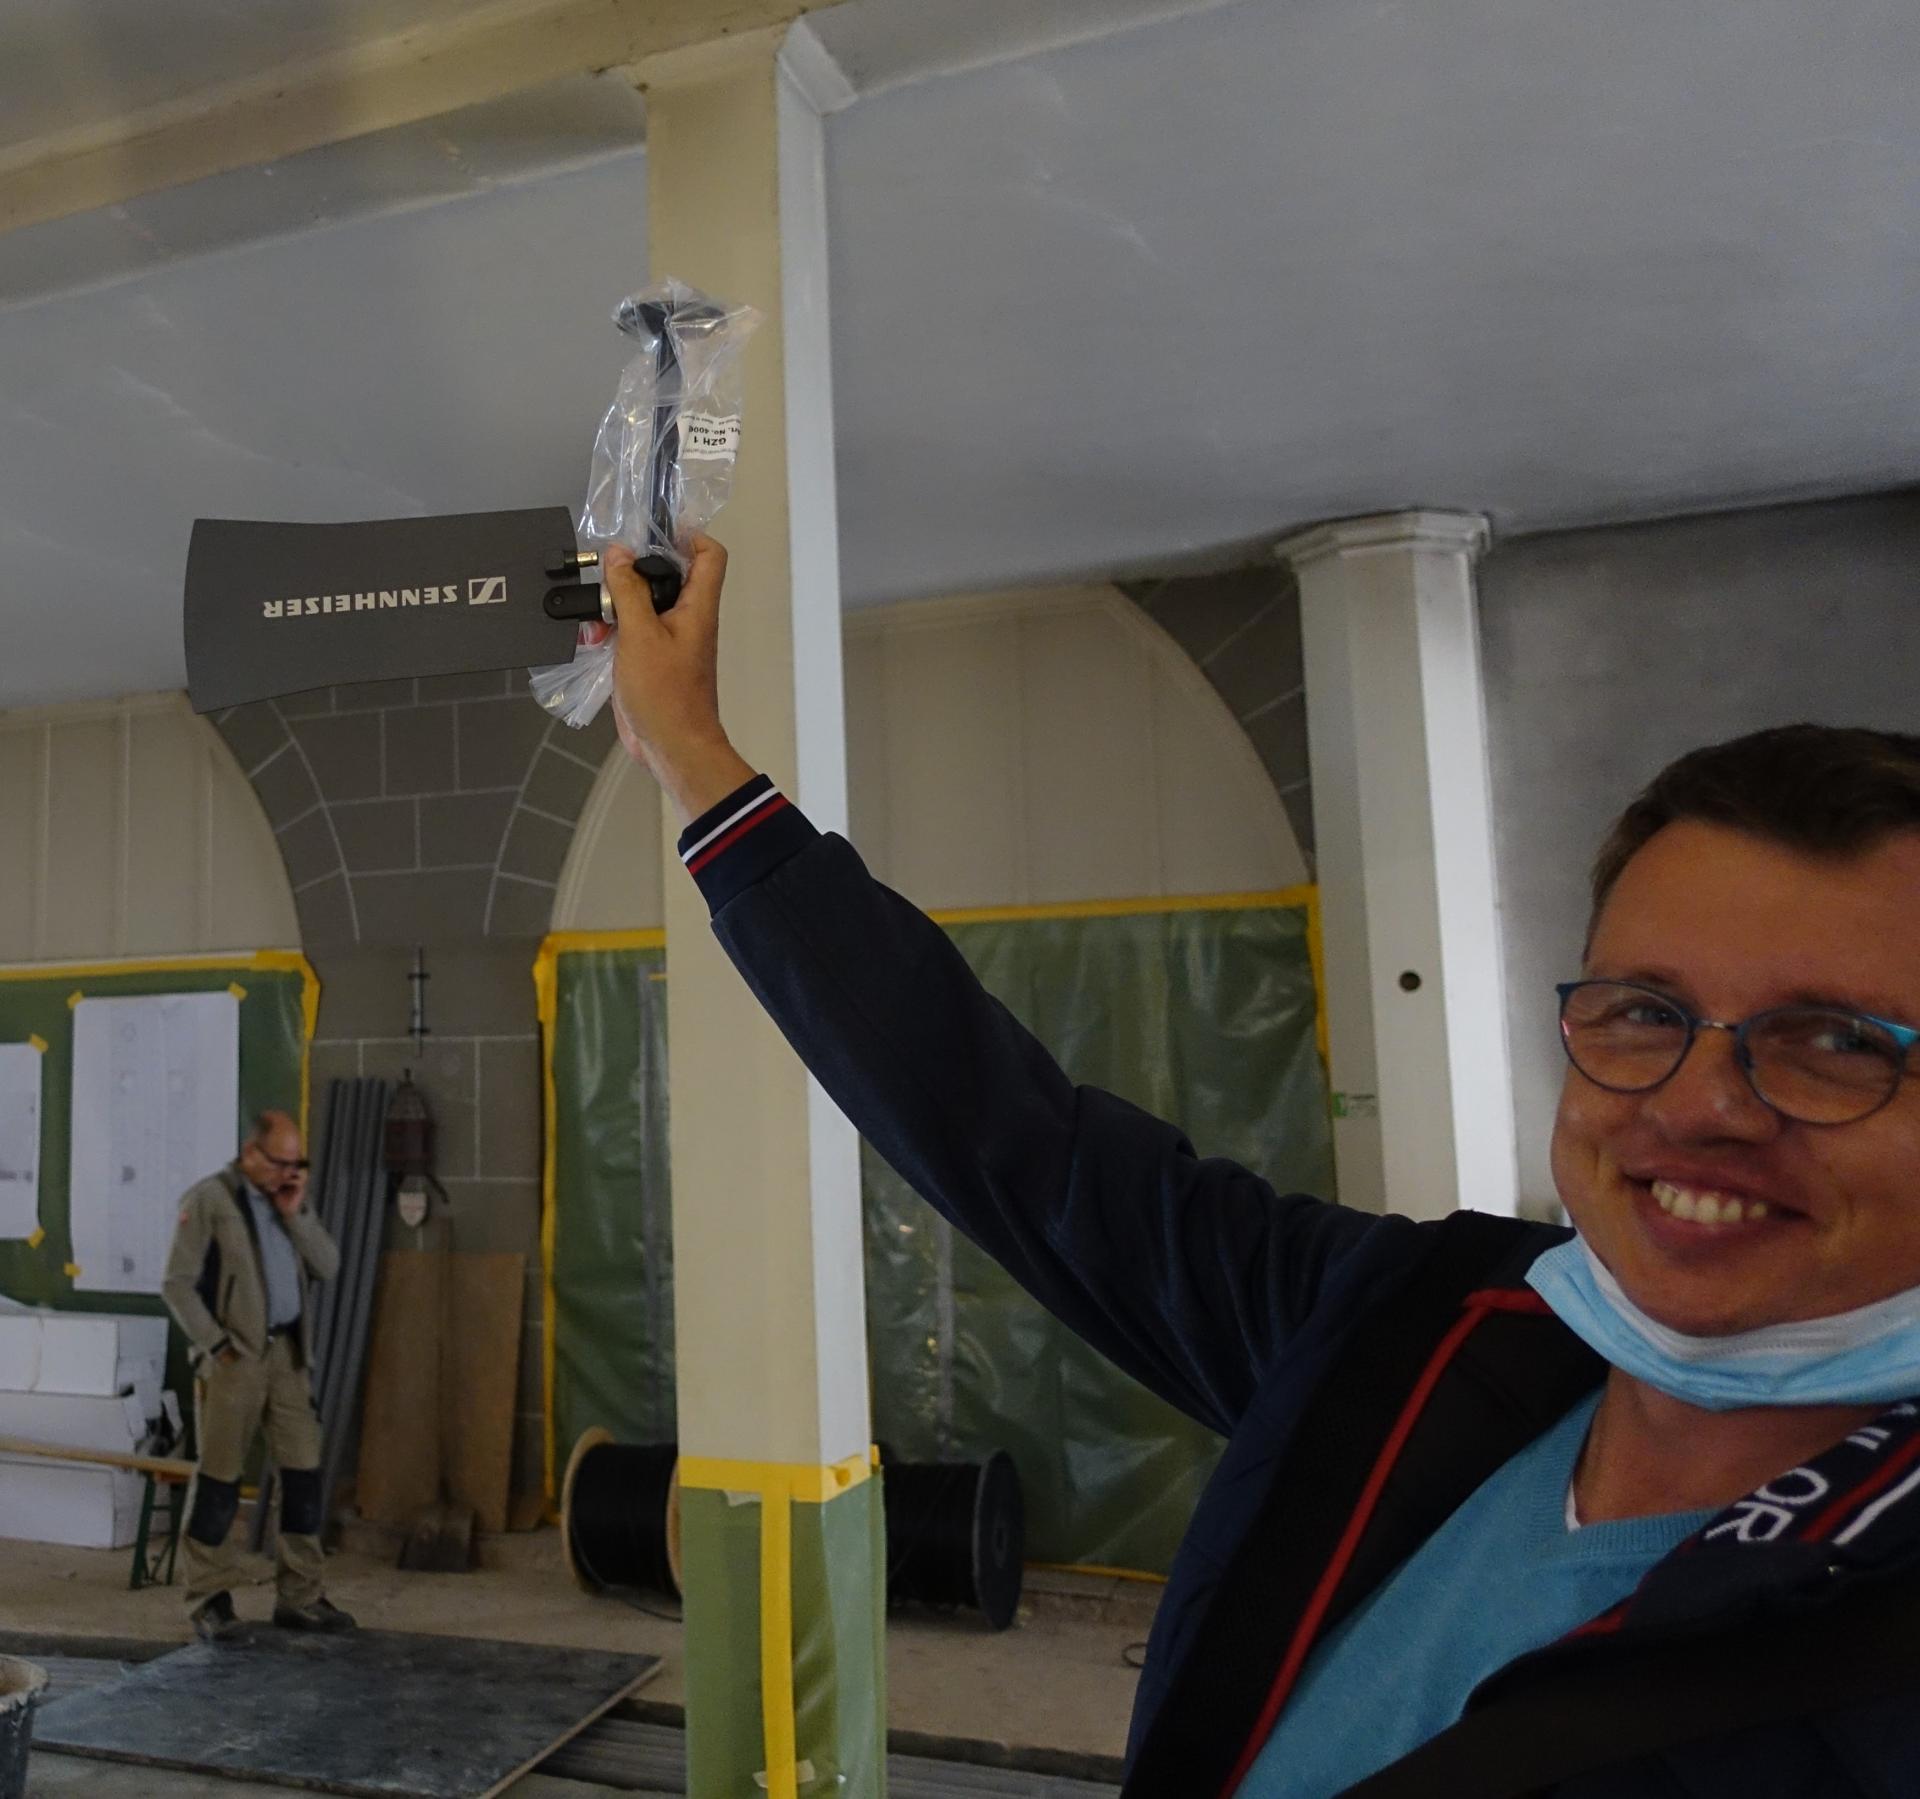 Bild 886 zeigt unseren Ingenieur aus Chemnitz Michael Täubert mit einer Antenne, die unter der Orgelempore befestigt wird.